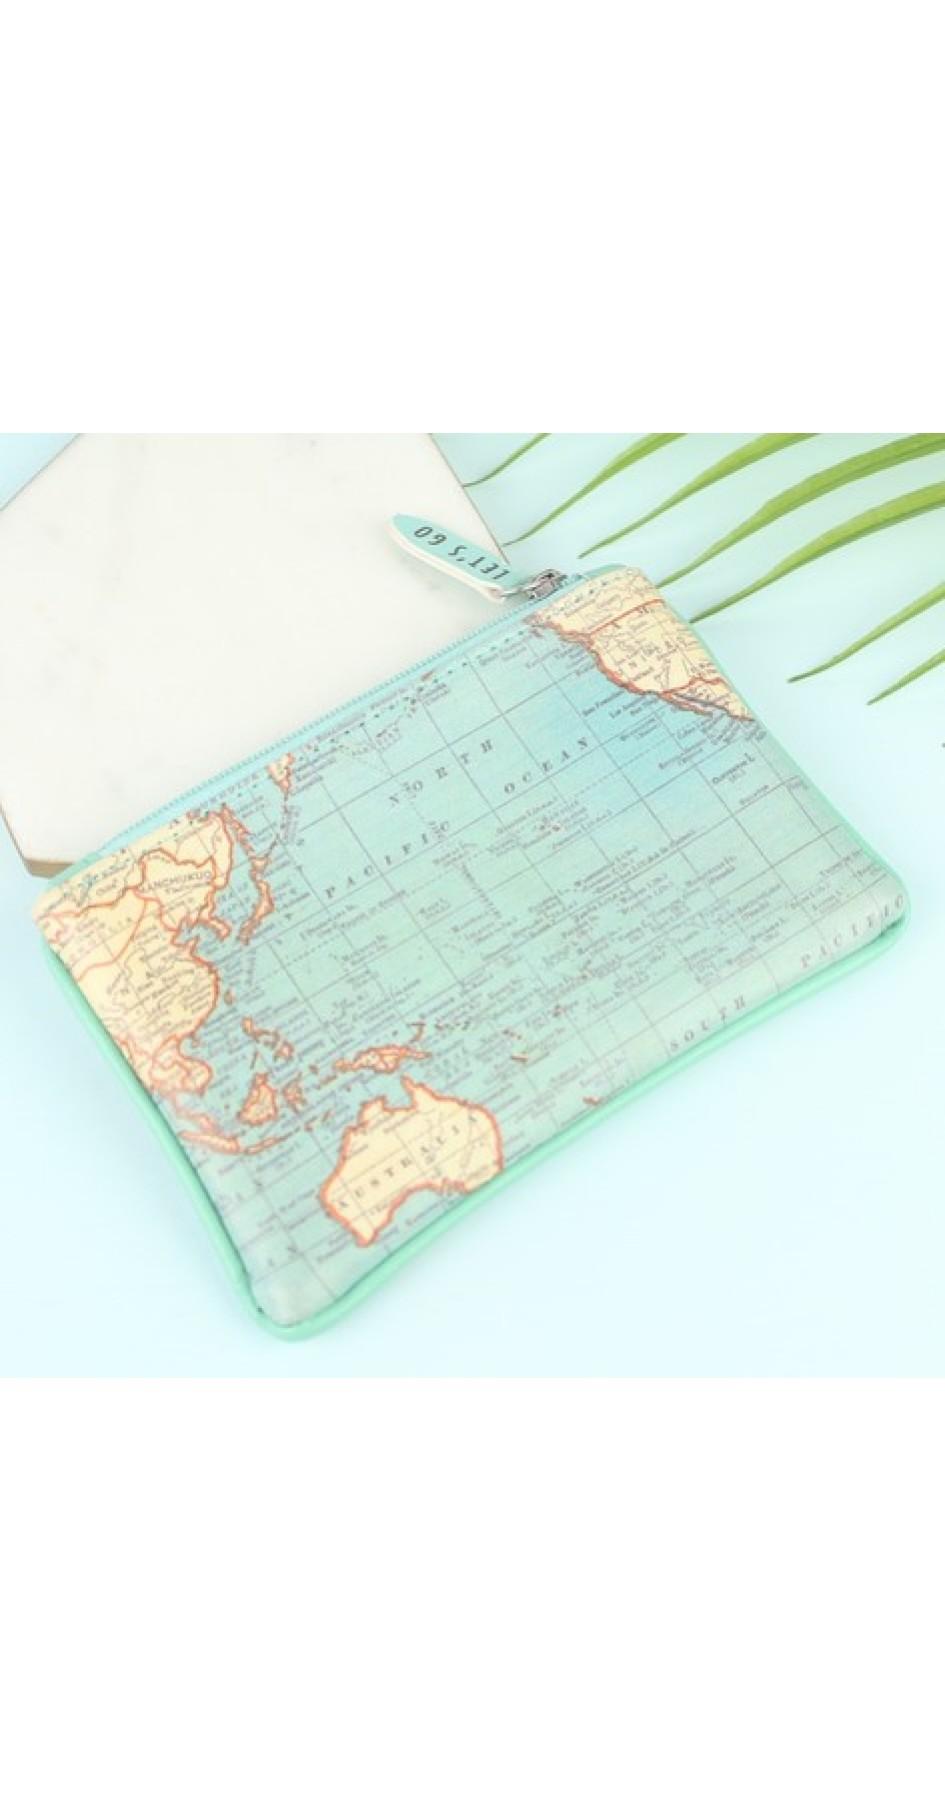 """Vintage map purse """"A little purse for big adventures"""" (13x8,5cm)"""